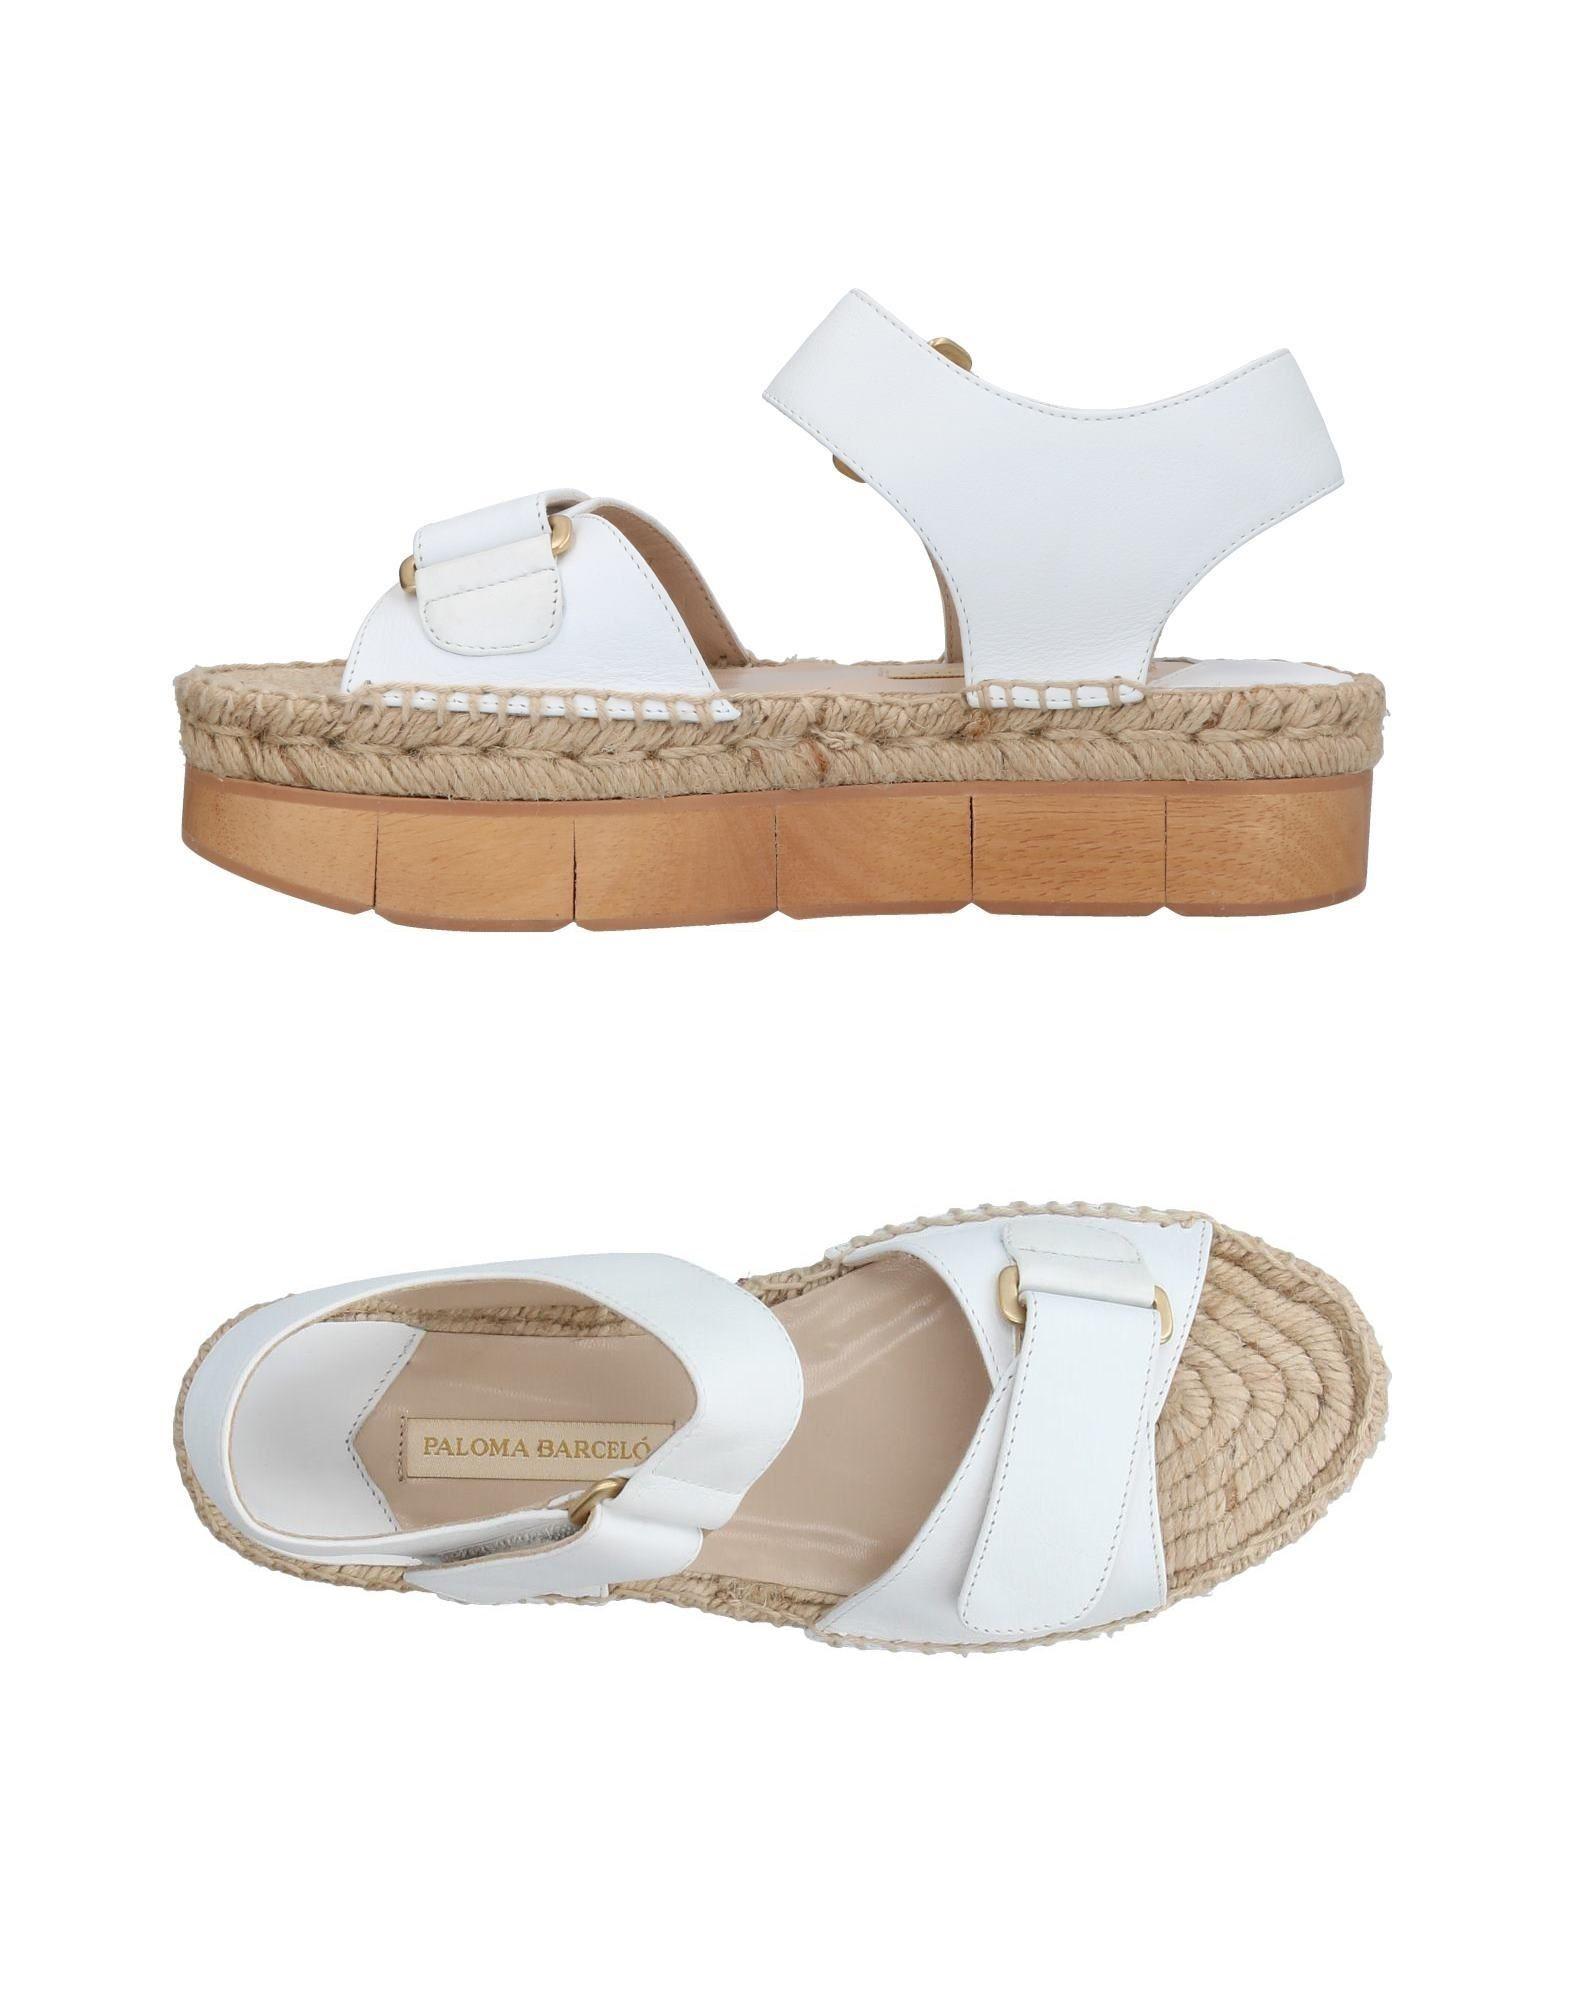 Paloma Barceló Sandalen Damen  11380789BD Gute Qualität beliebte Schuhe